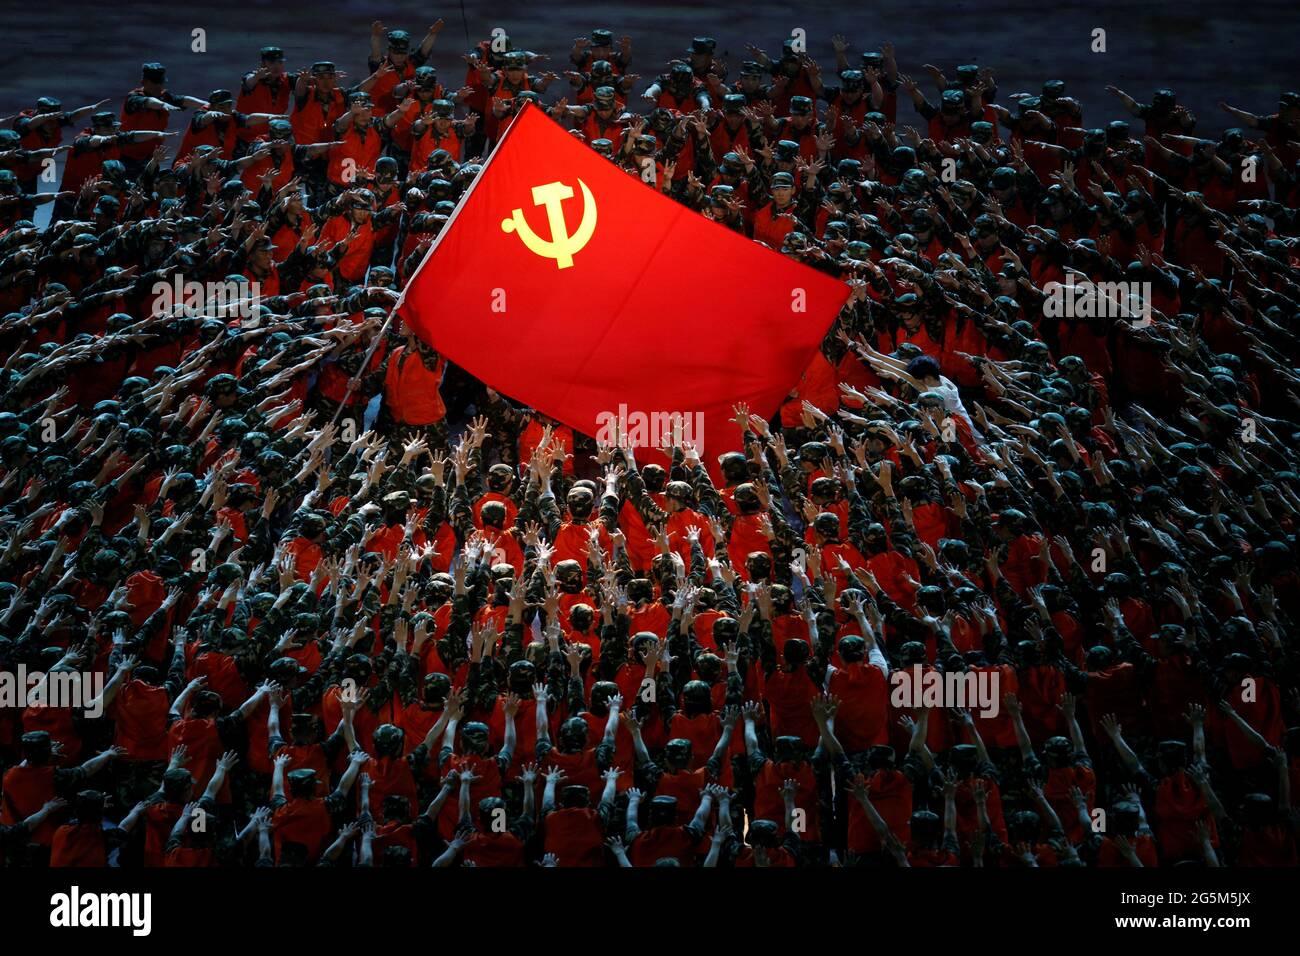 Die Künstler versammeln sich um die Rote Flagge während einer Show zum Gedenken an den 100. Jahrestag der Gründung der Kommunistischen Partei Chinas im Nationalstadion in Peking, China, 28. Juni 2021. REUTERS/Thomas Peter Stockfoto